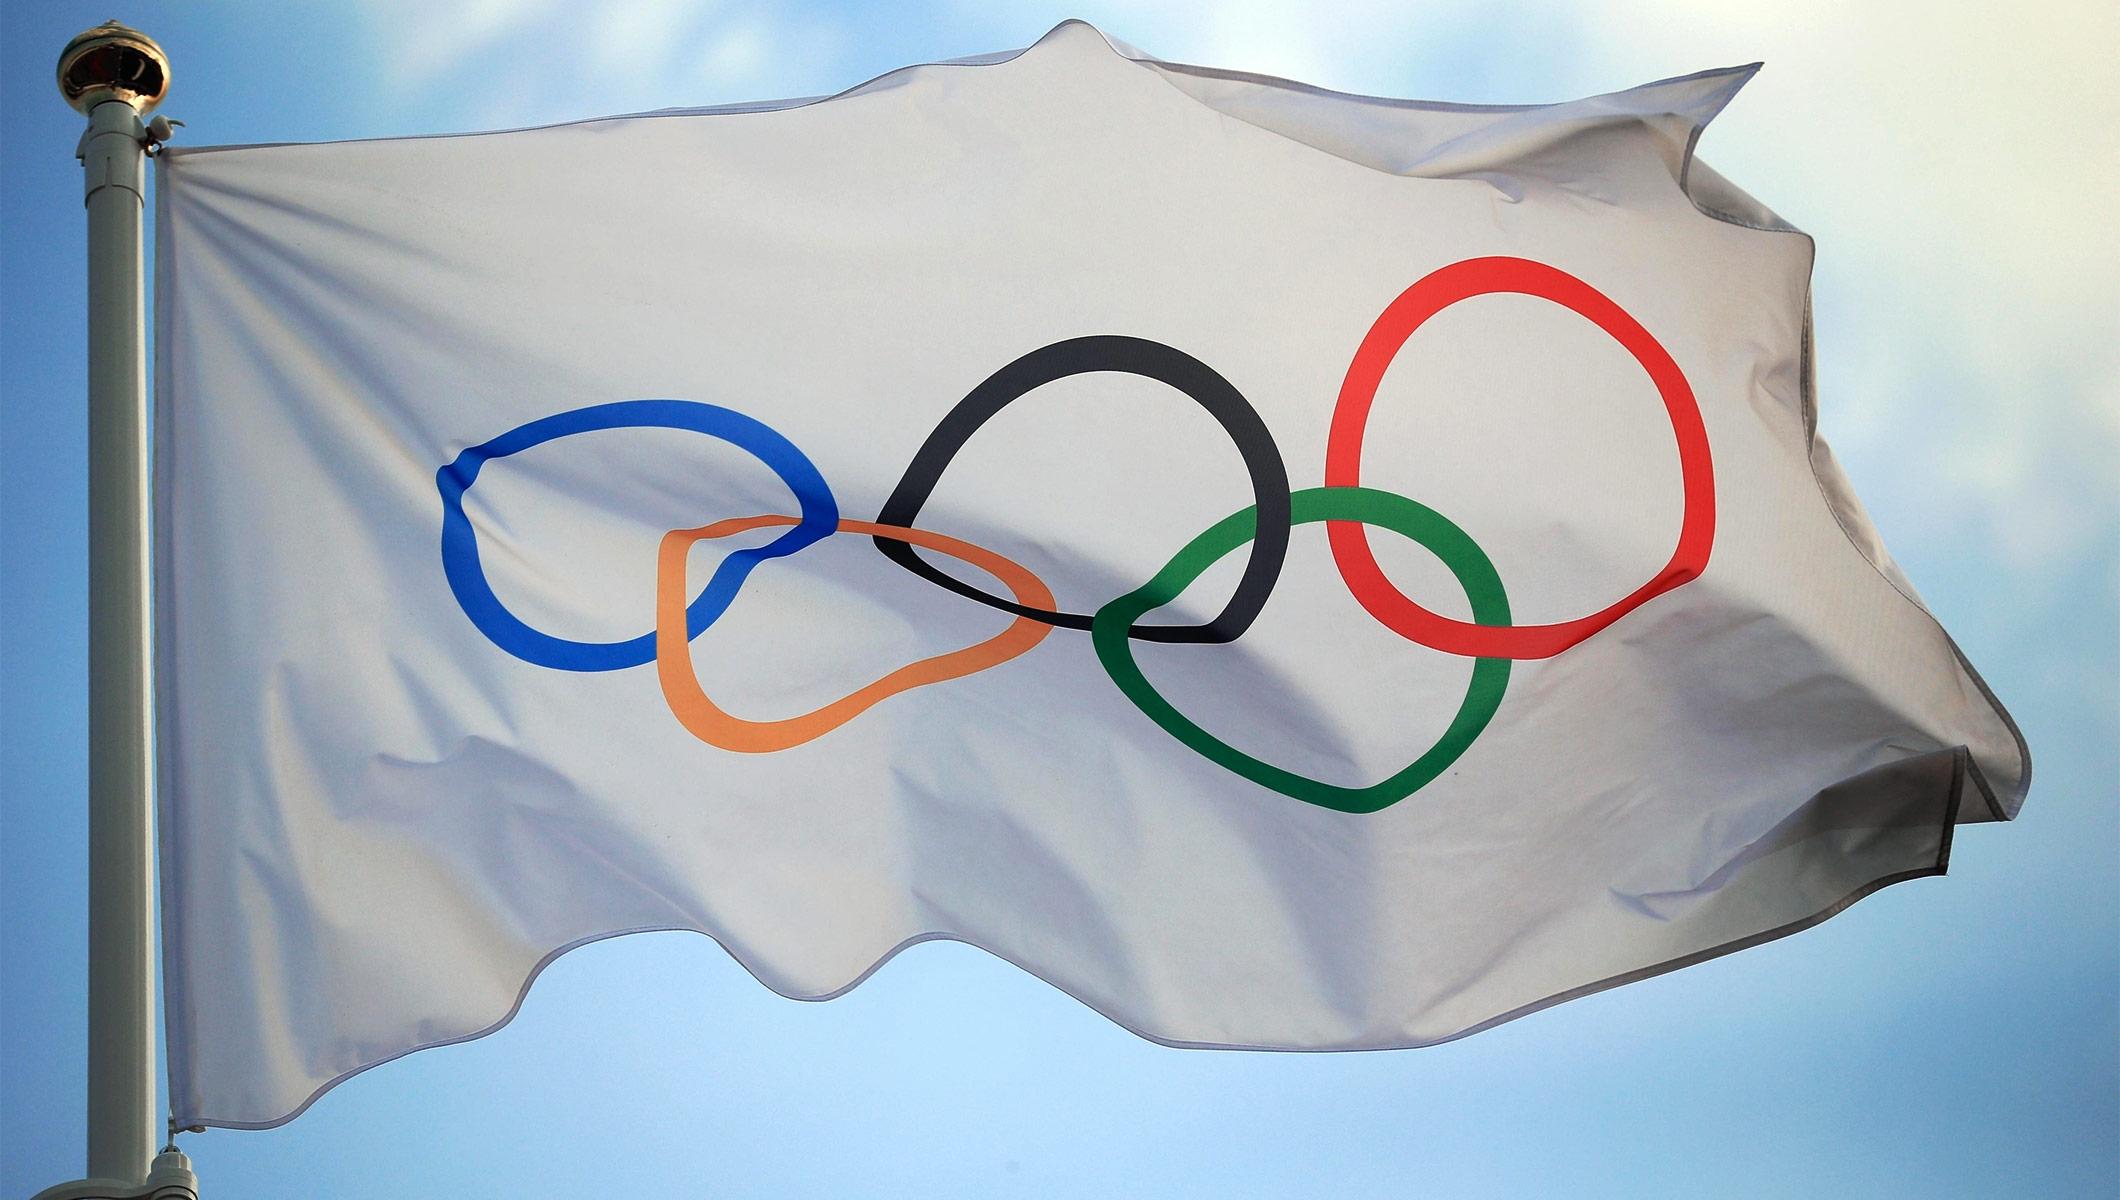 Comunicado del Comité Olímpico Internacional (COI) sobre los Juegos Olímpicos Tokio 2020